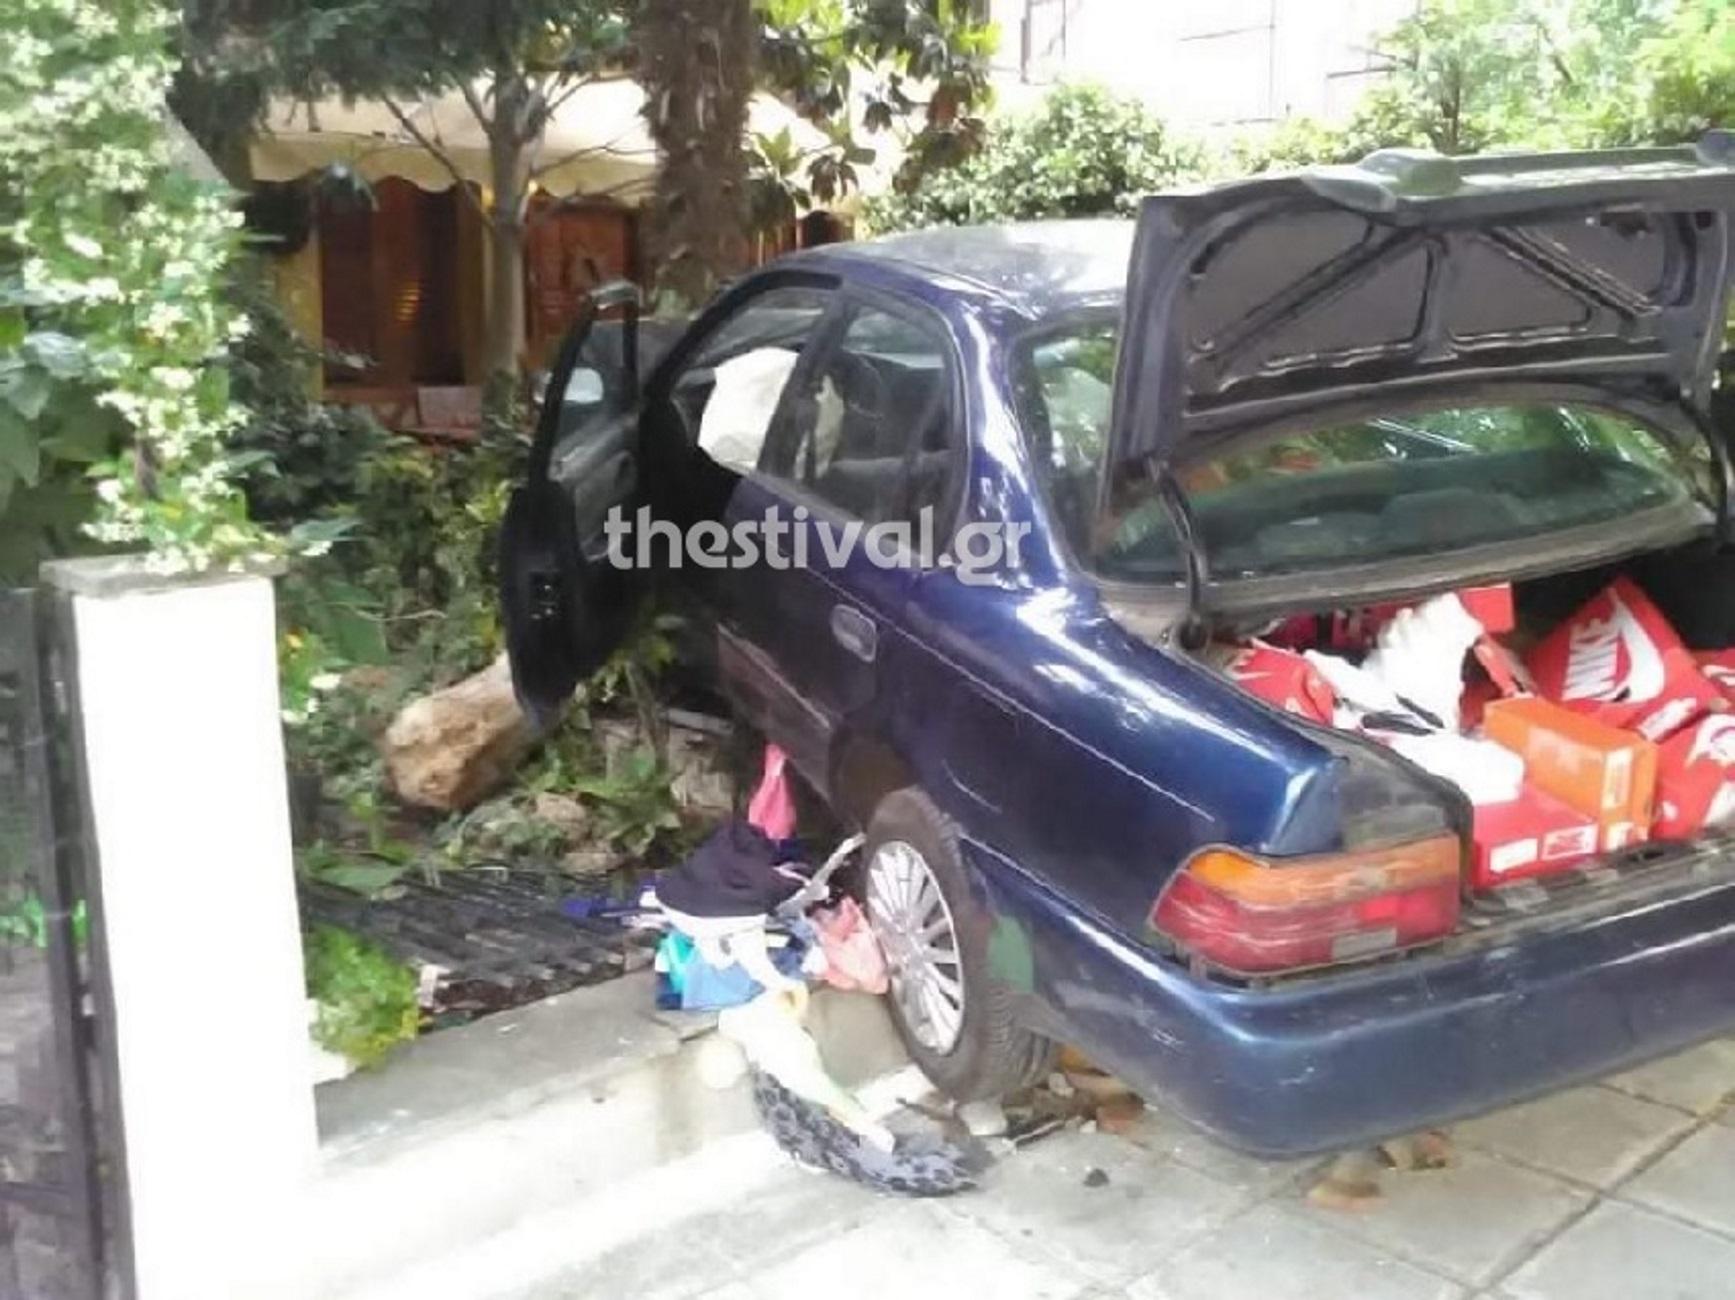 Θεσσαλονίκη: Το αυτοκίνητο των διαρρηκτών έπεσε σε αυλή σπιτιού! Οι εικόνες στο εσωτερικό του (Φωτό)